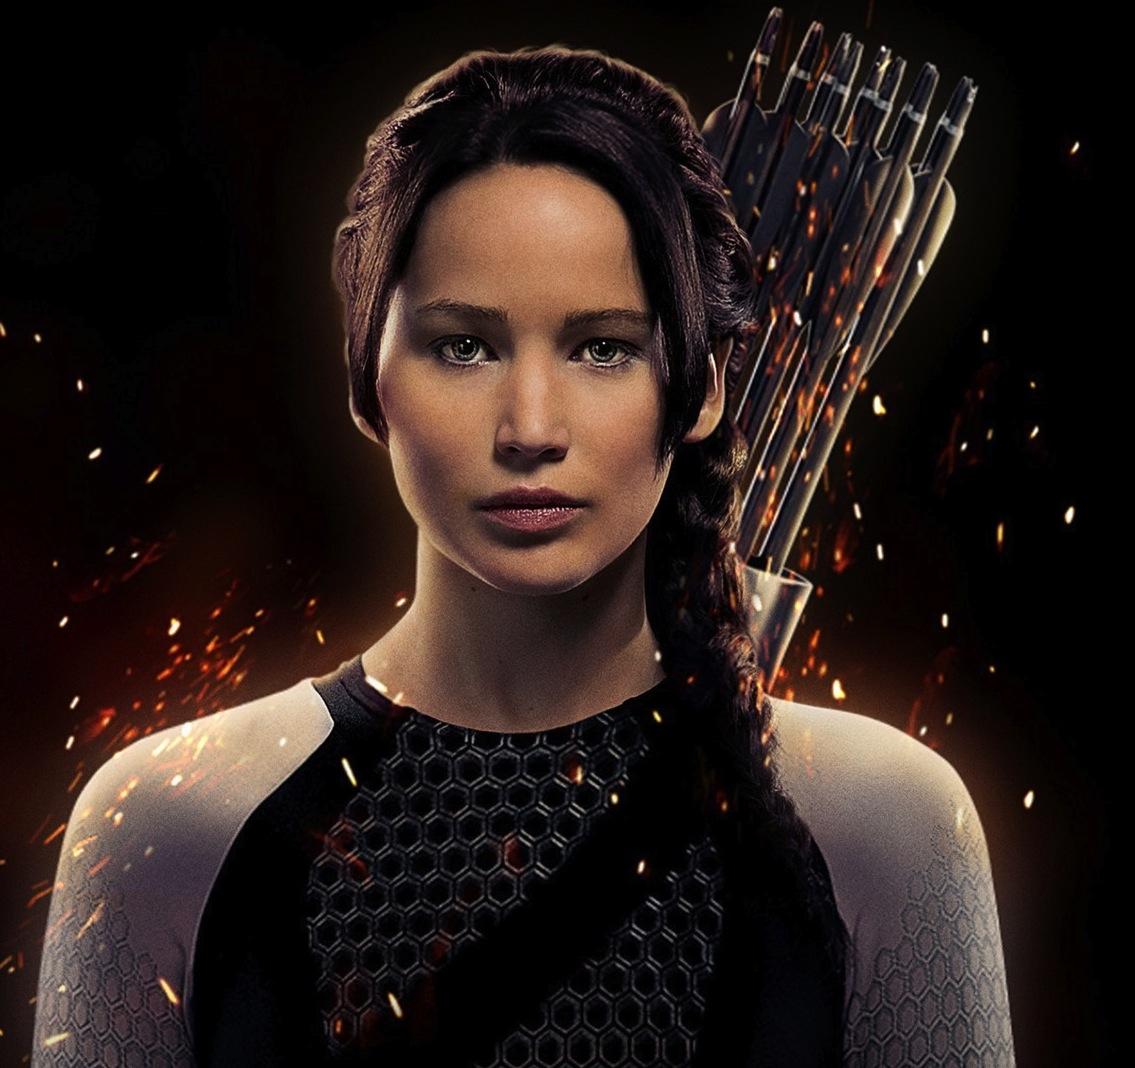 image - katniss-everdeen-the-hunger-games-catching-fire-24806